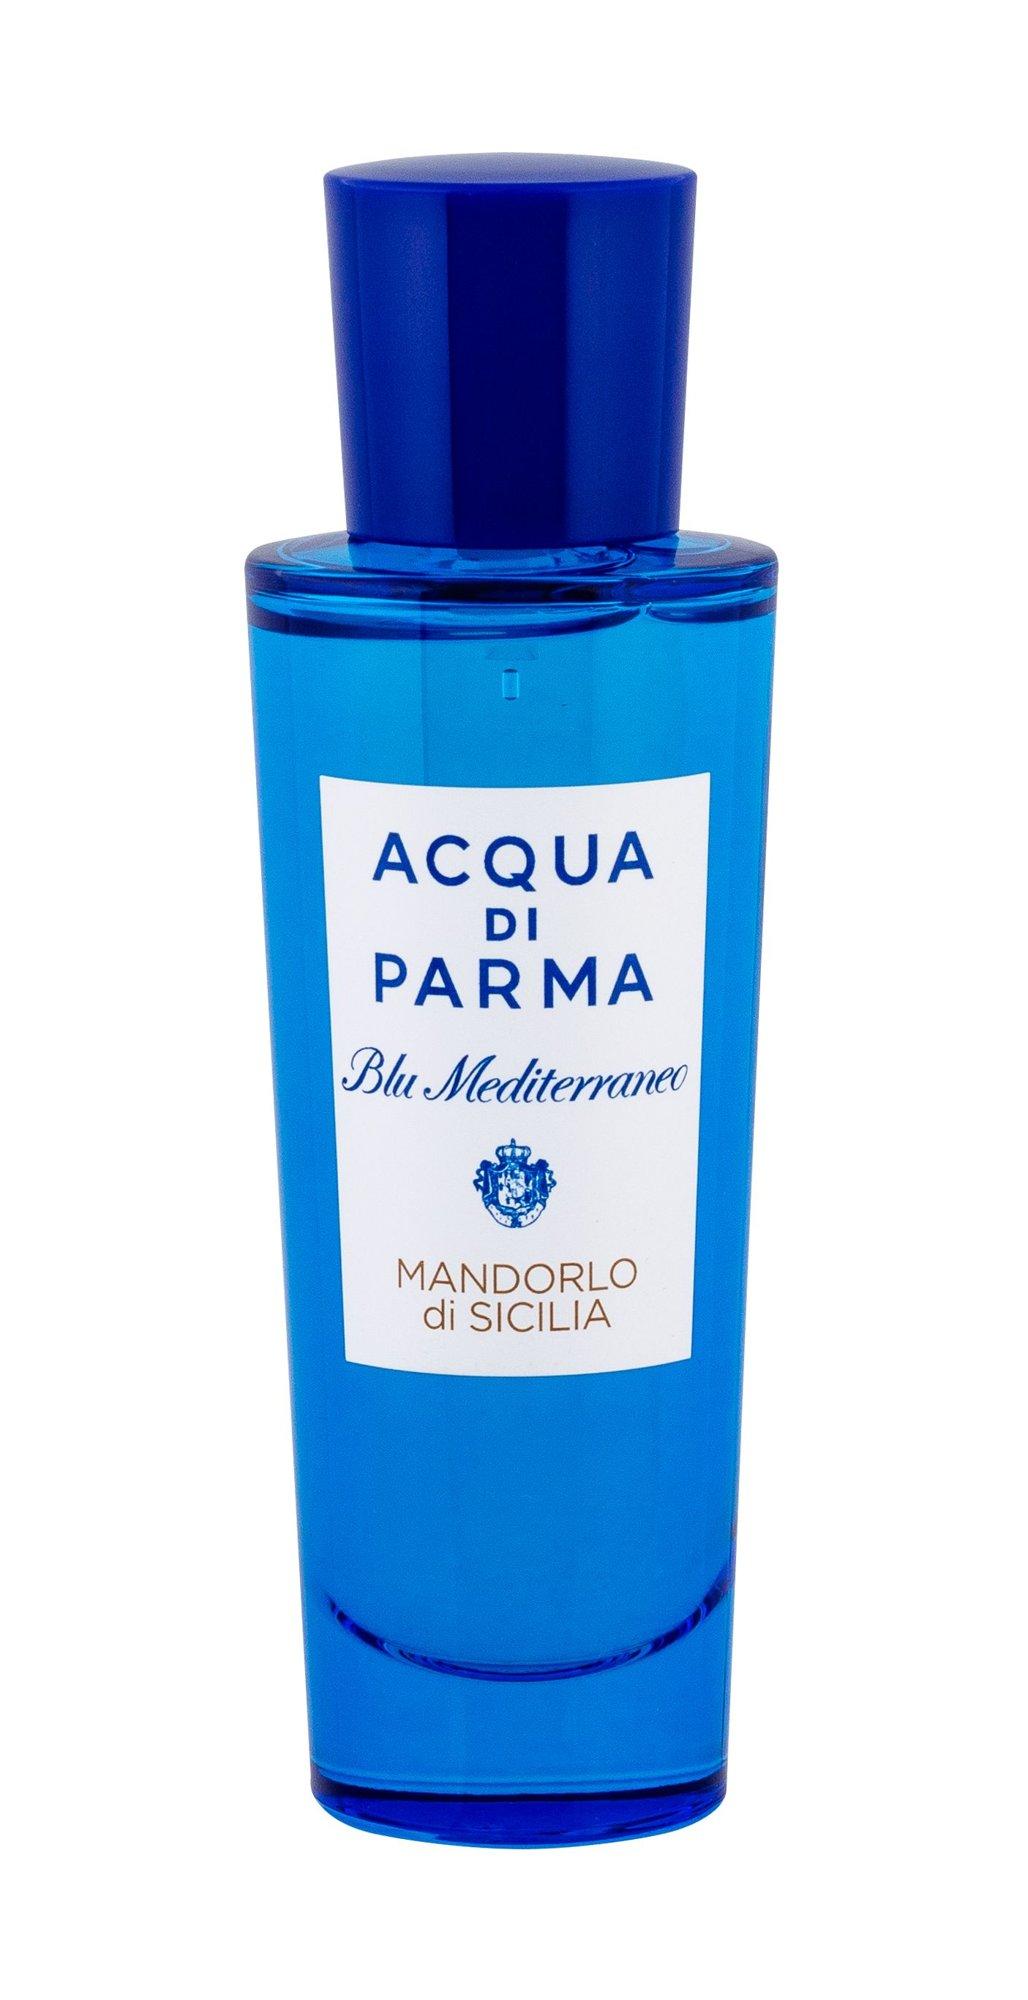 Acqua di Parma Blu Mediterraneo Mandorlo di Sicilia Eau de Toilette 30ml